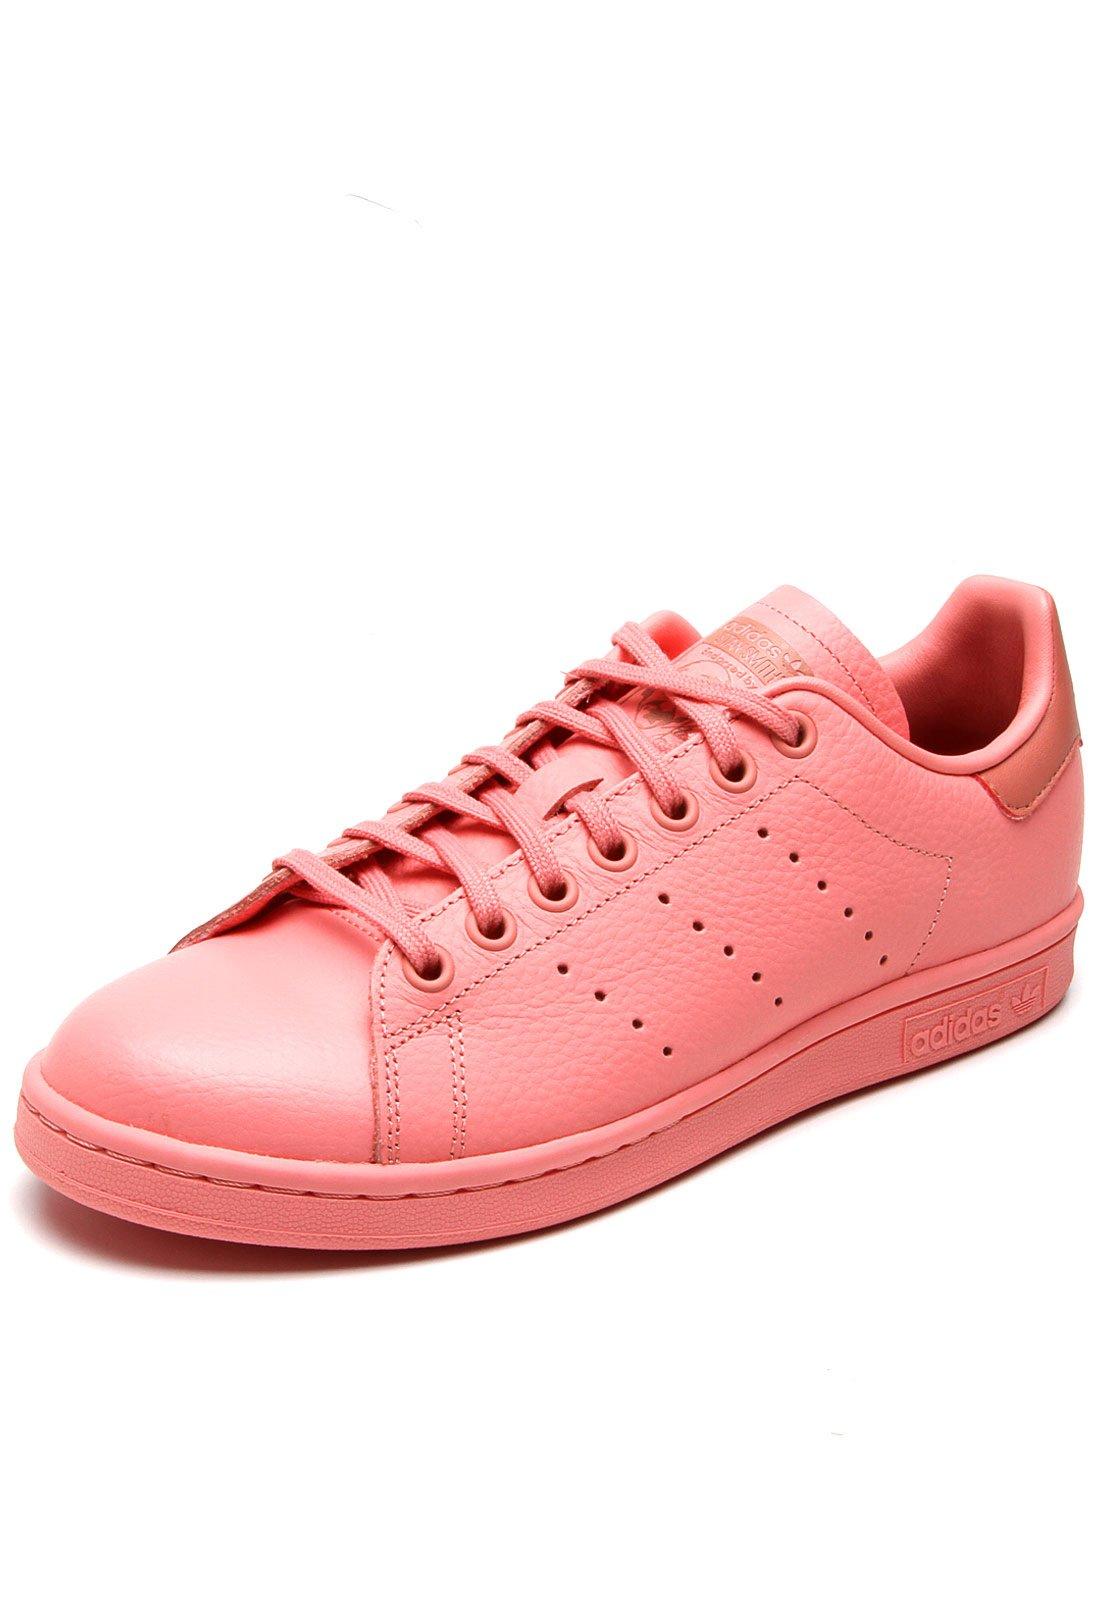 adidas stan smith feminino rosa